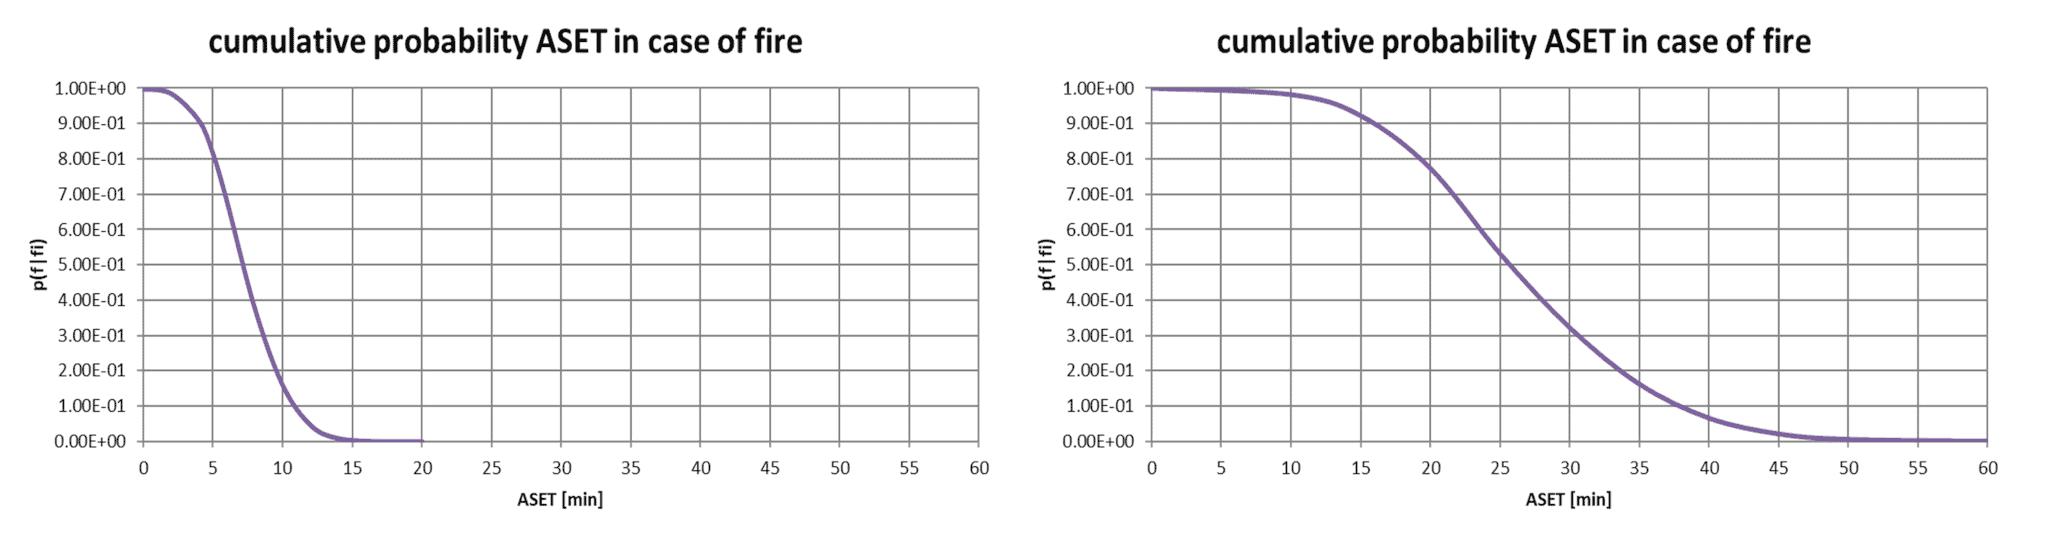 Sprinklers-cumulatieve-kansverdeling-brand-in-kleine-ruimte